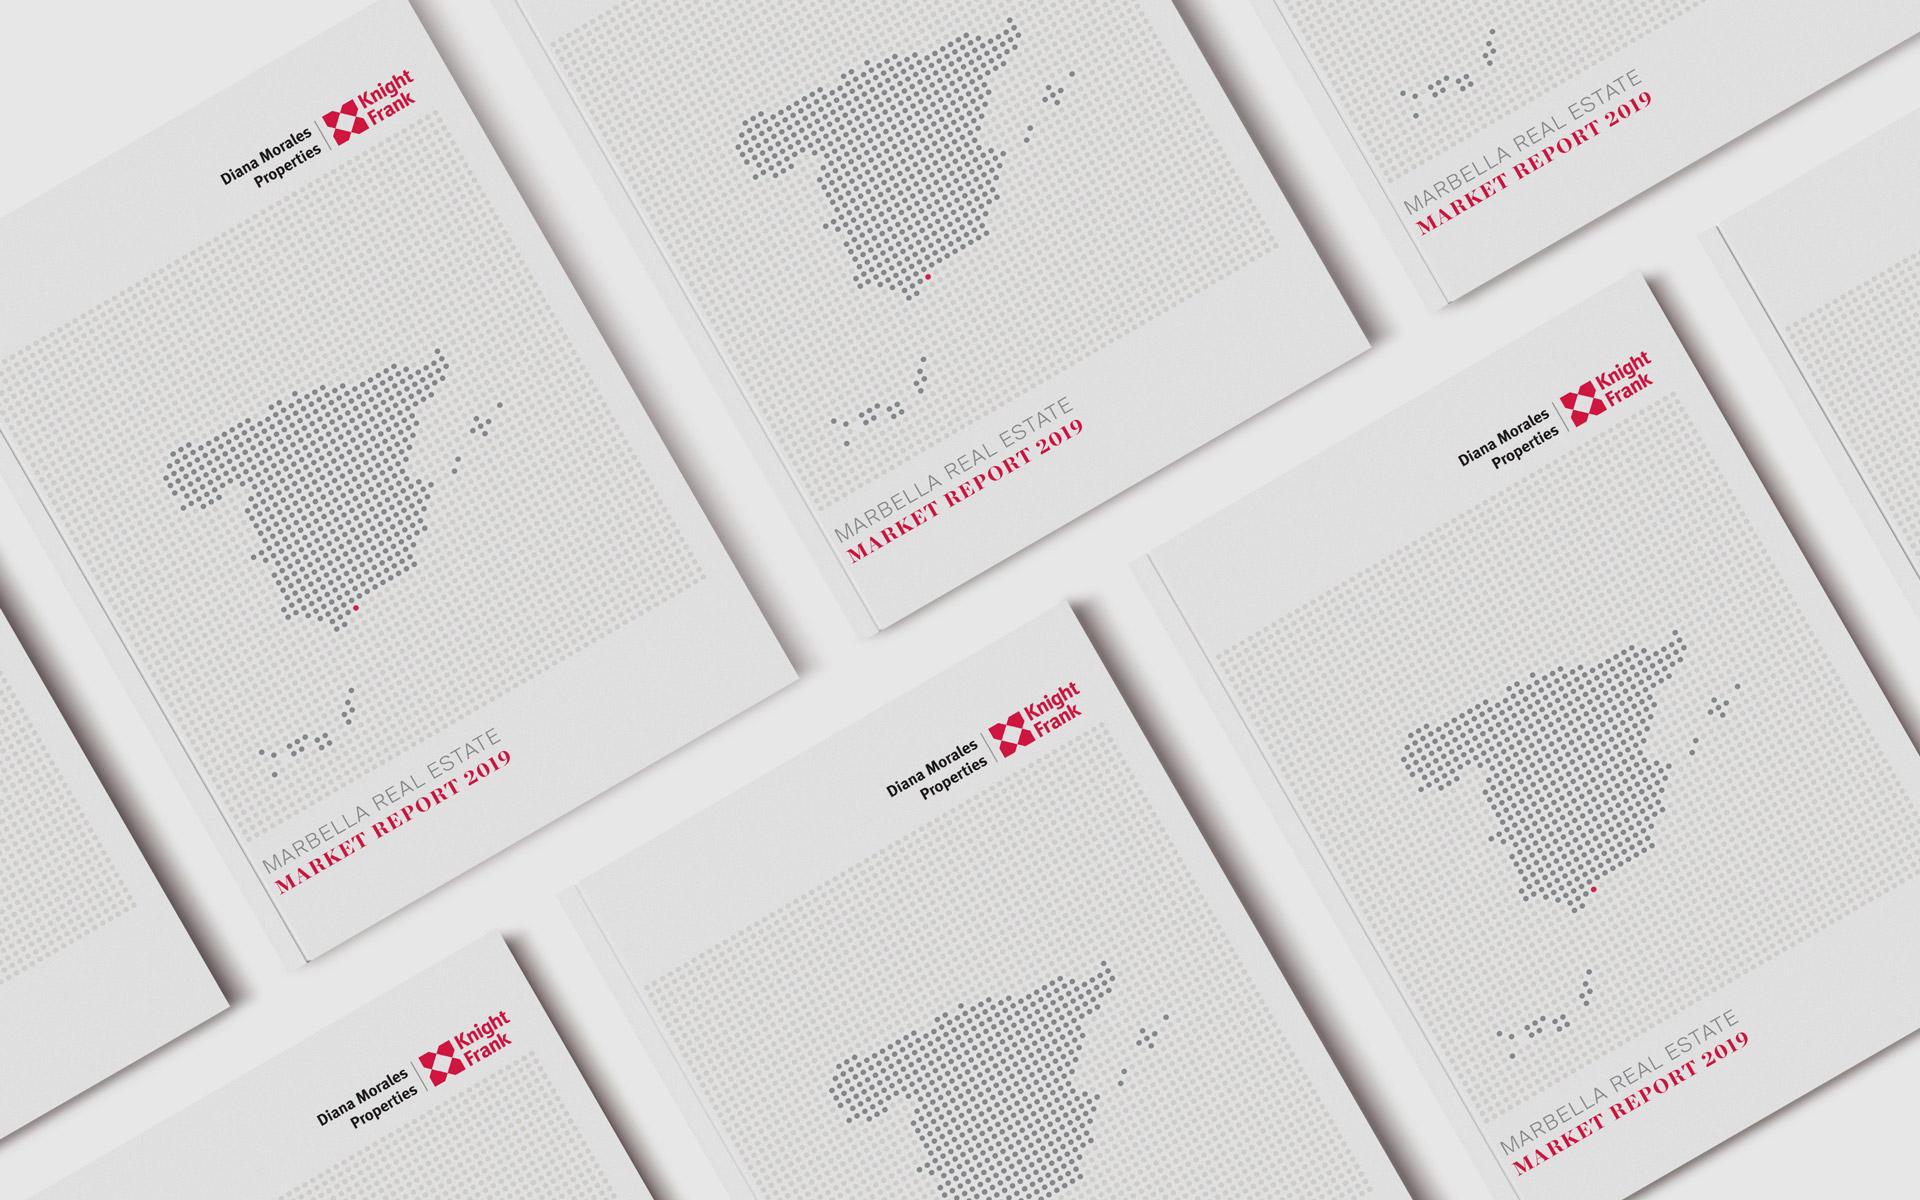 Marbella property market report 2019